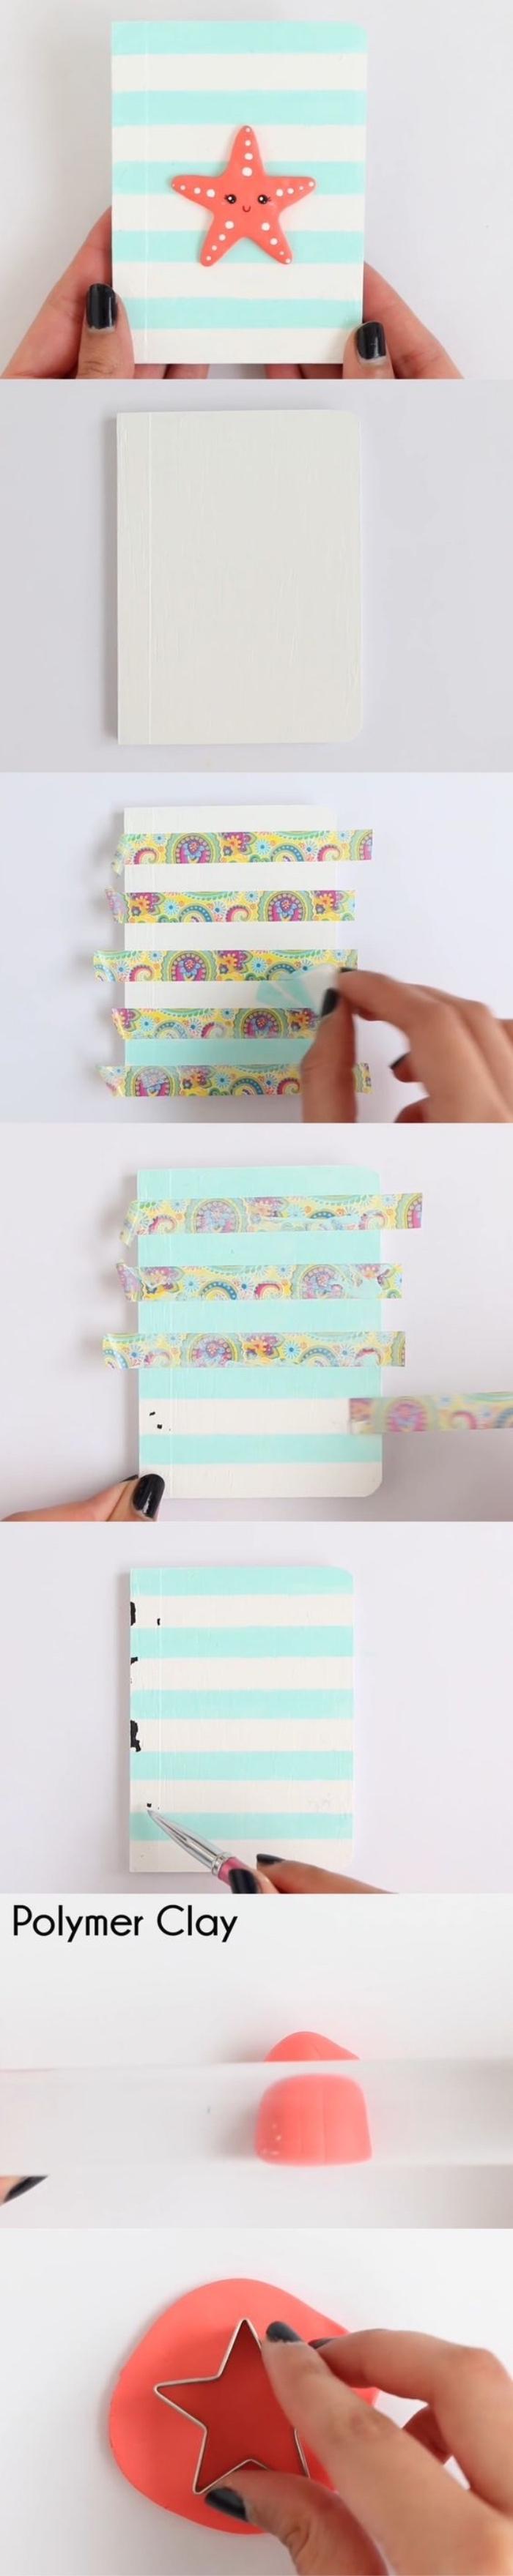 Basteltipps, Kasten, Deko Ideen, Washi Tape Dekor und Ideen zum Selbermachen, Dekorieren und design